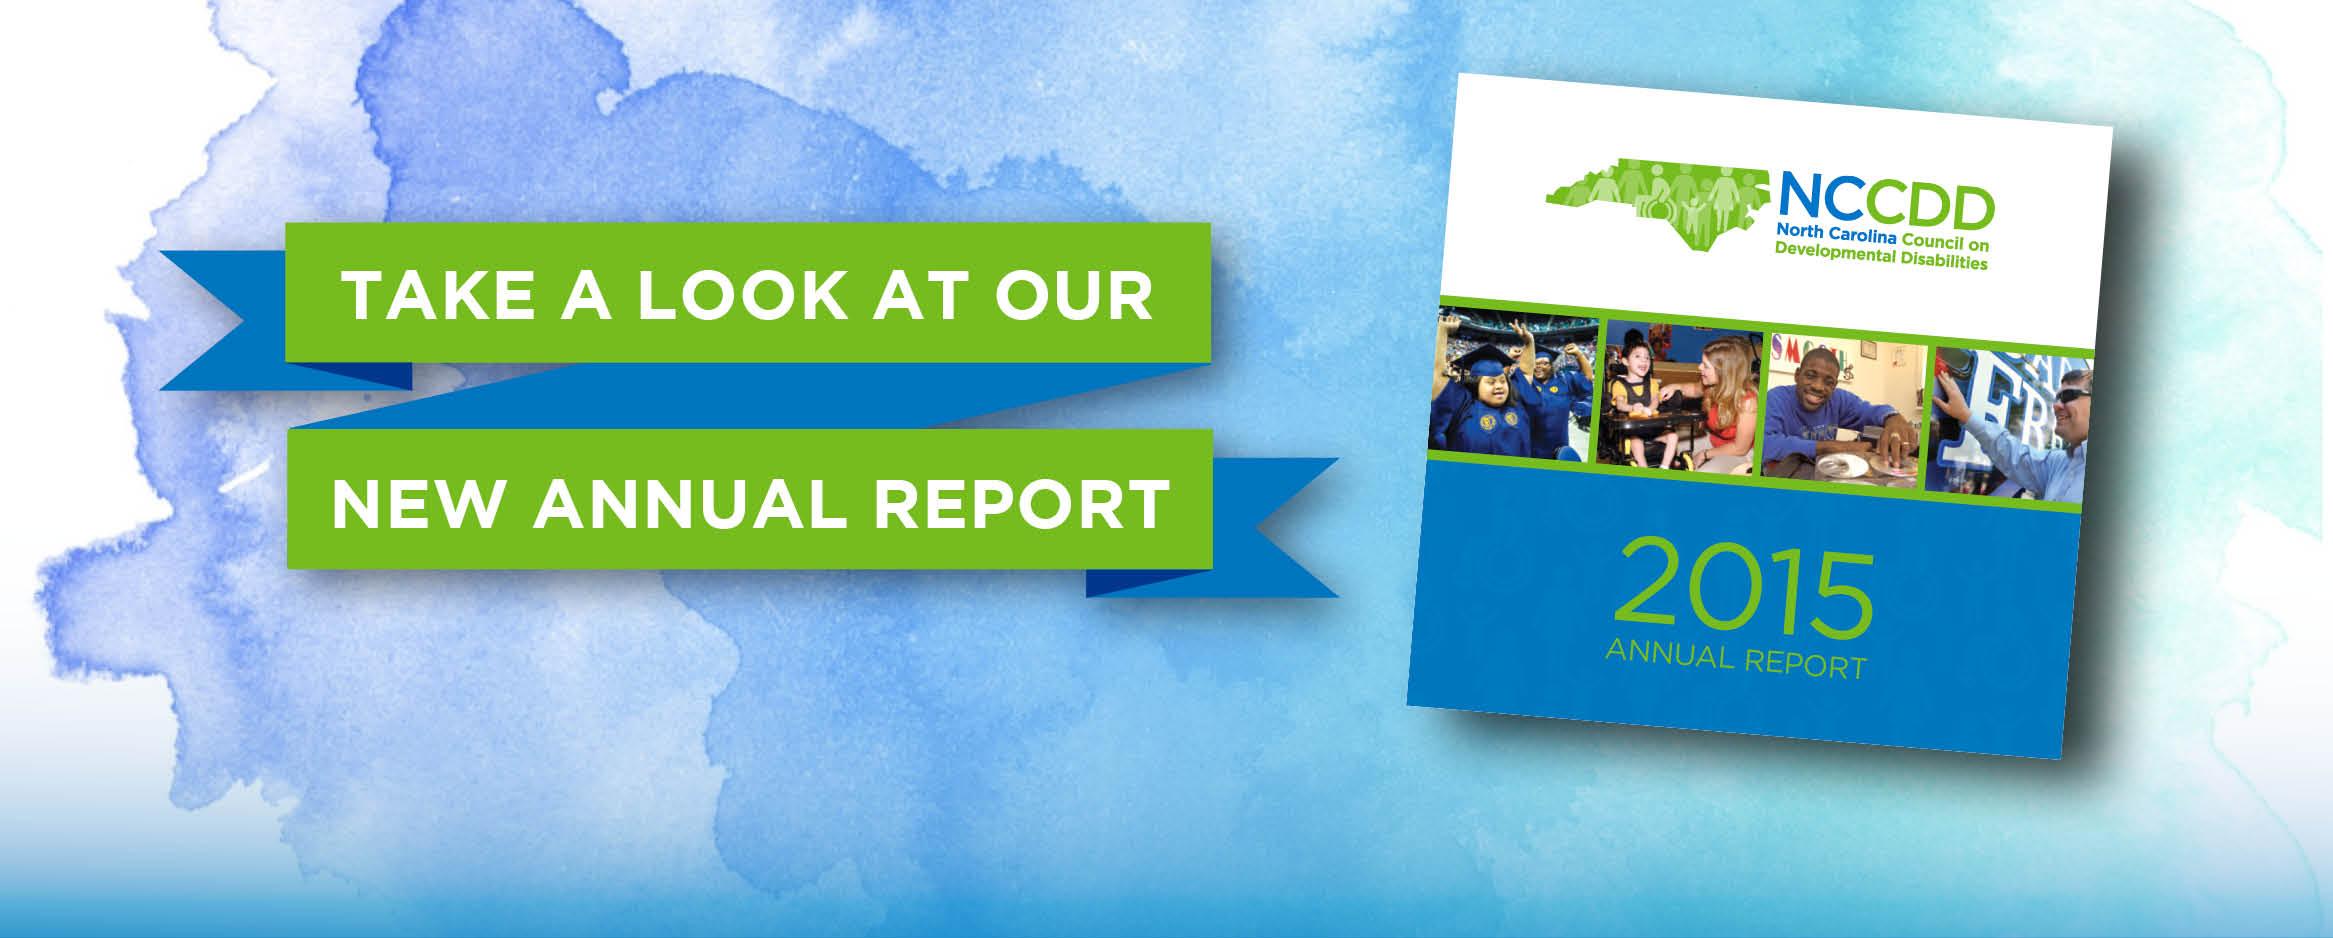 NCCDD 2015 Annual Report